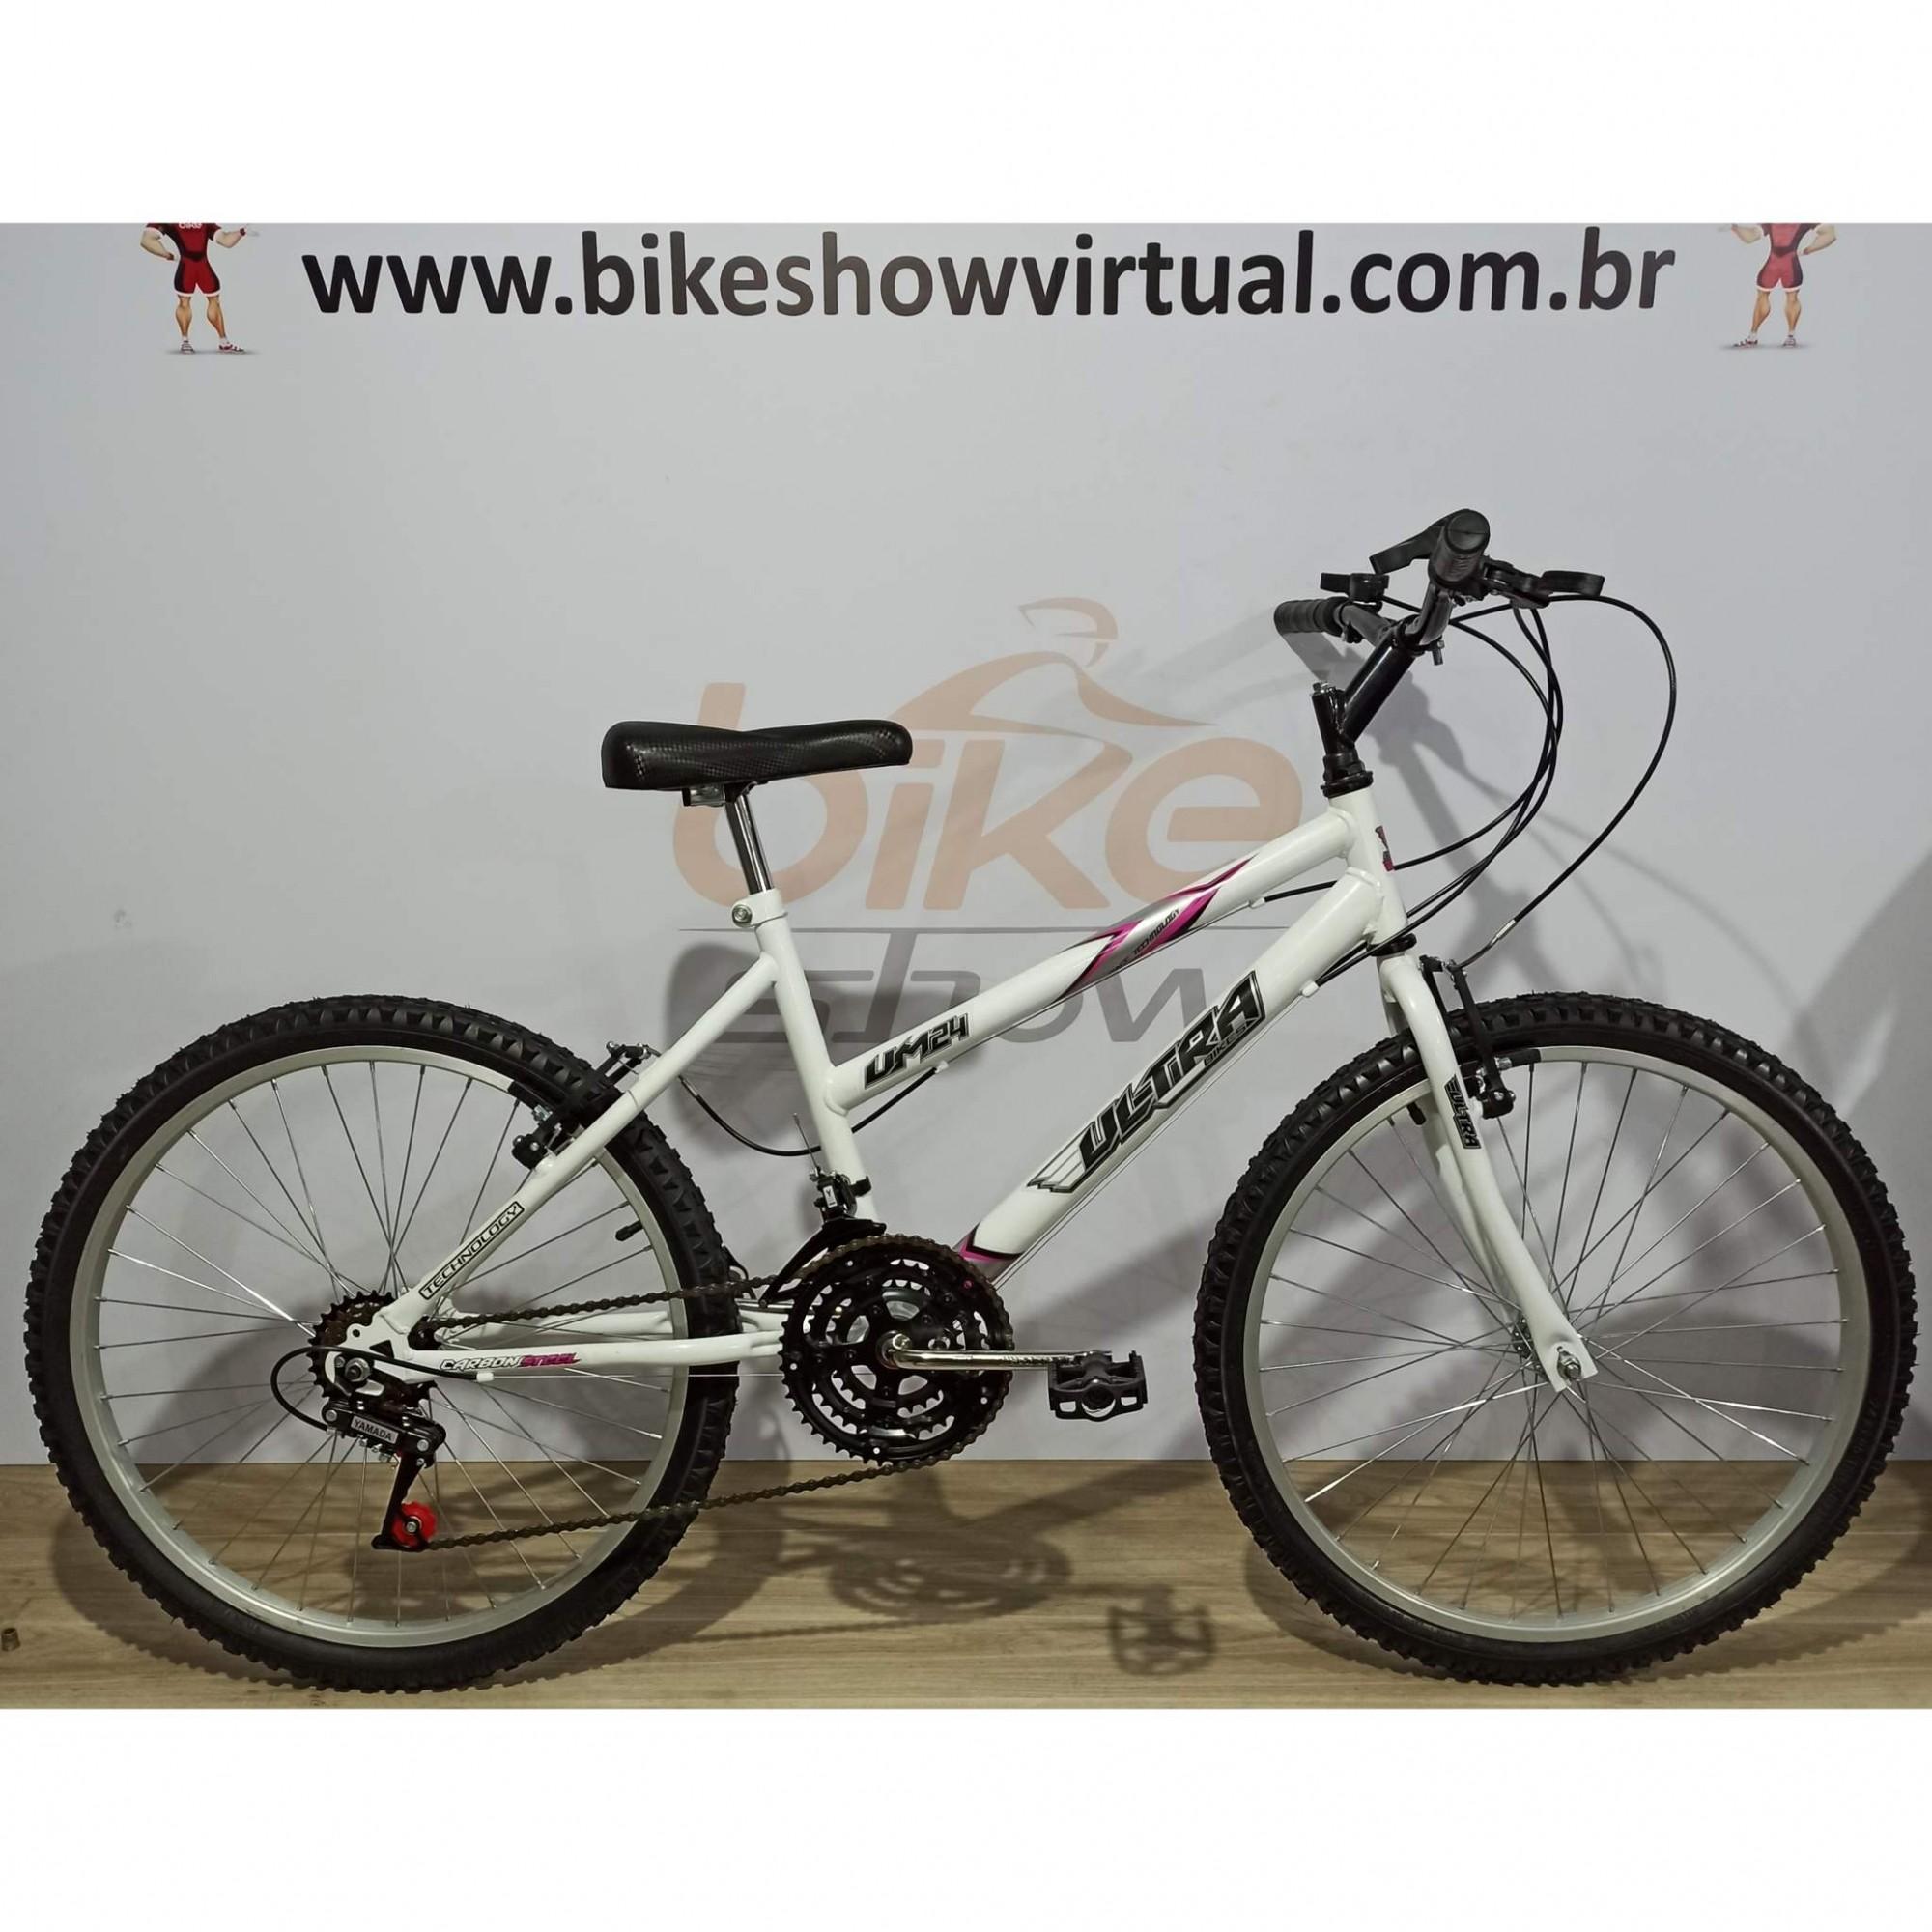 Bicicleta ULTRA BIKES aro 24 - 18v Yamada - Quadro Feminino